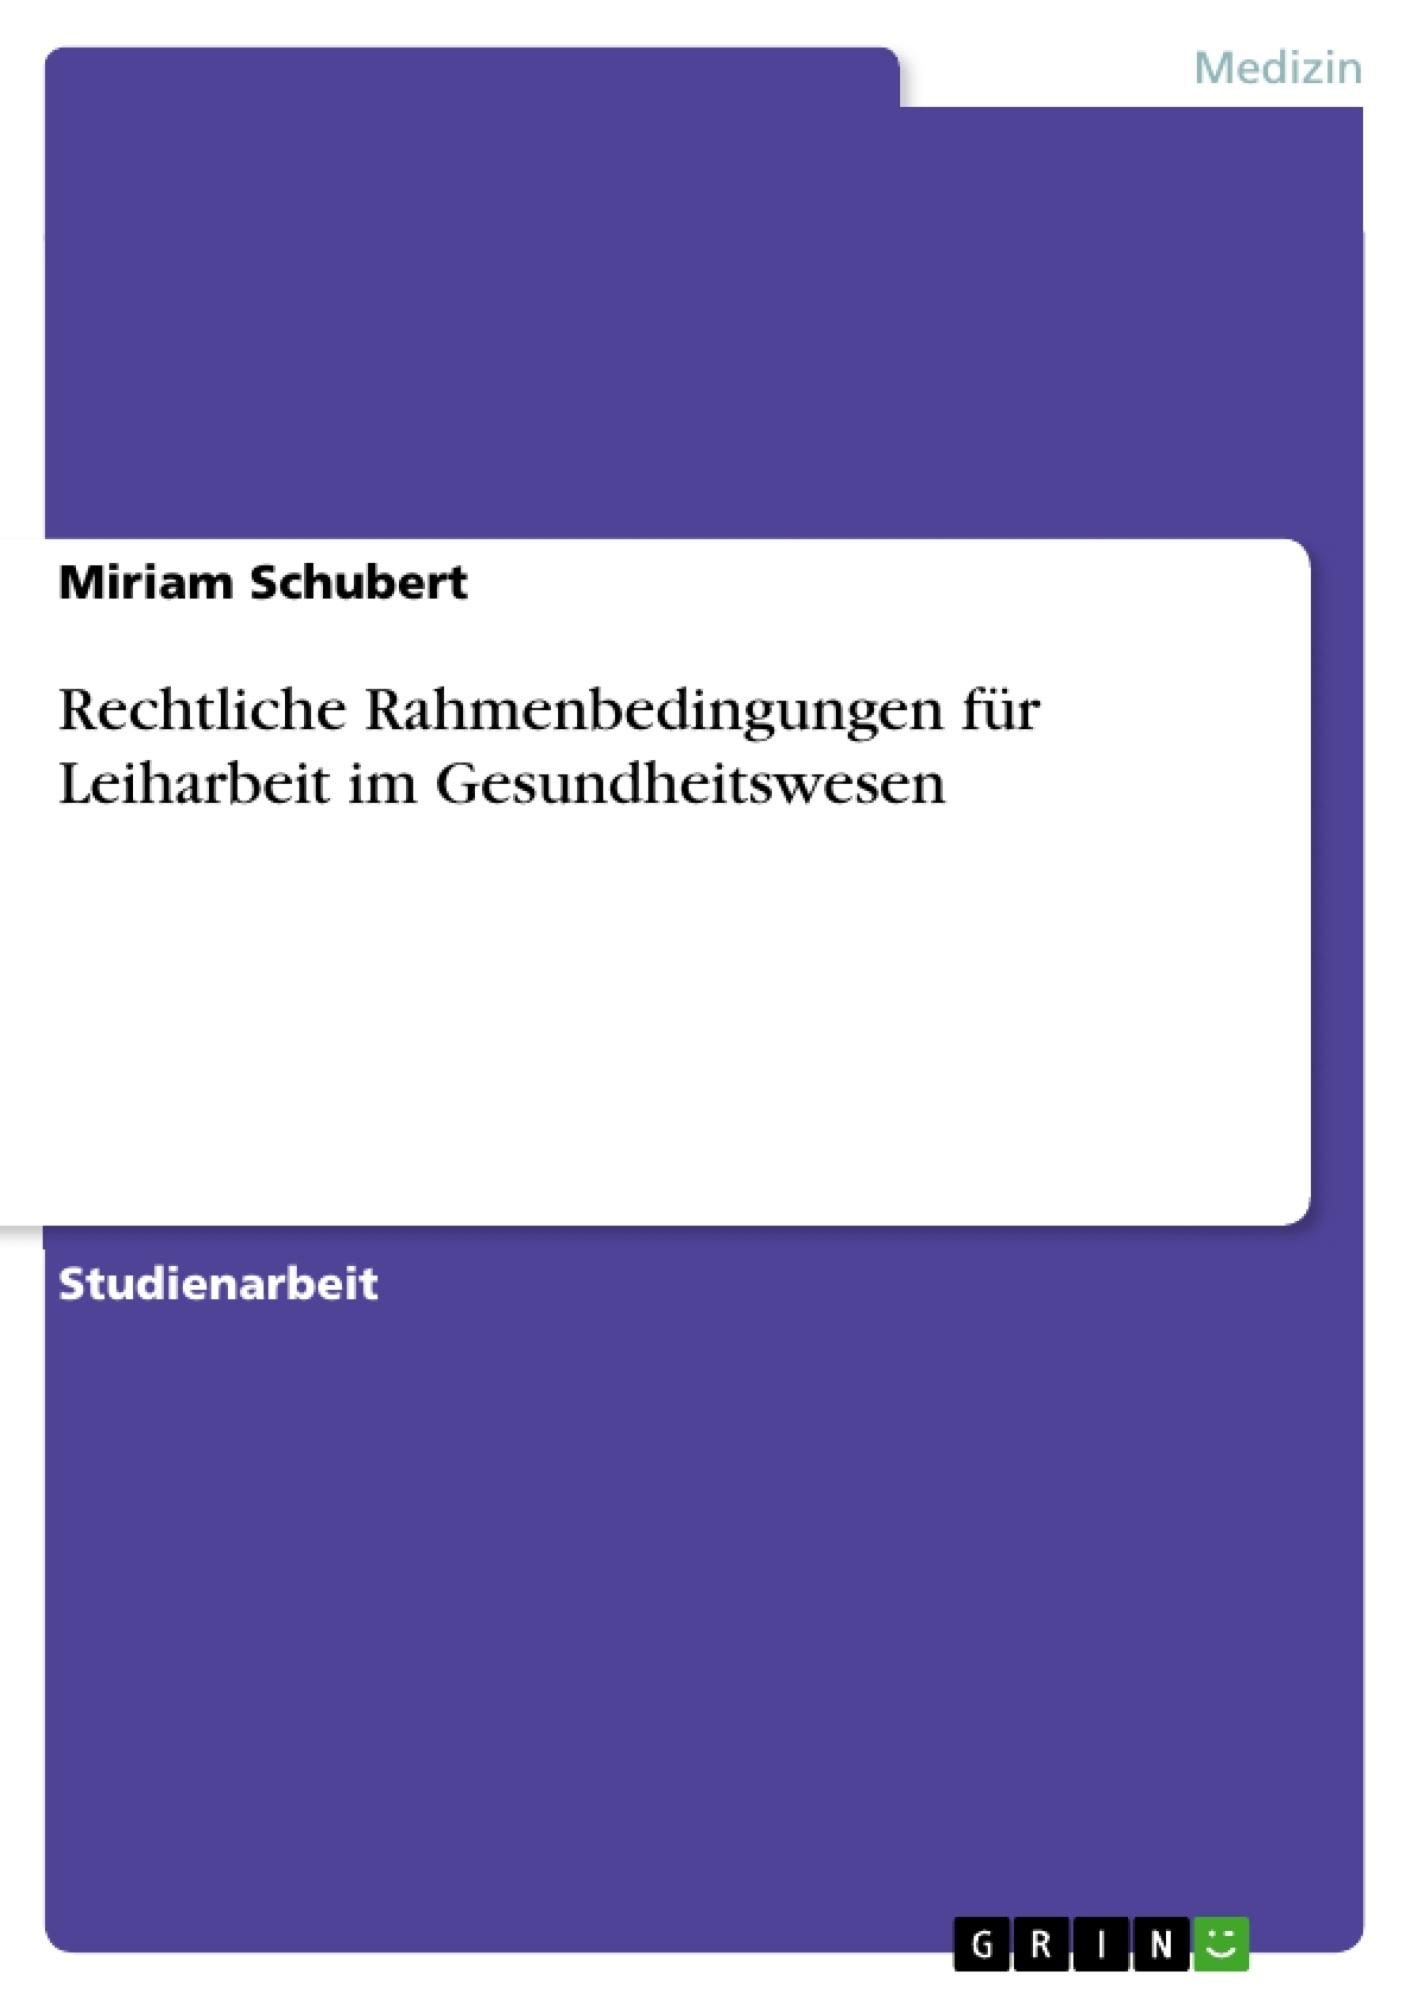 Titel: Rechtliche Rahmenbedingungen für Leiharbeit im Gesundheitswesen